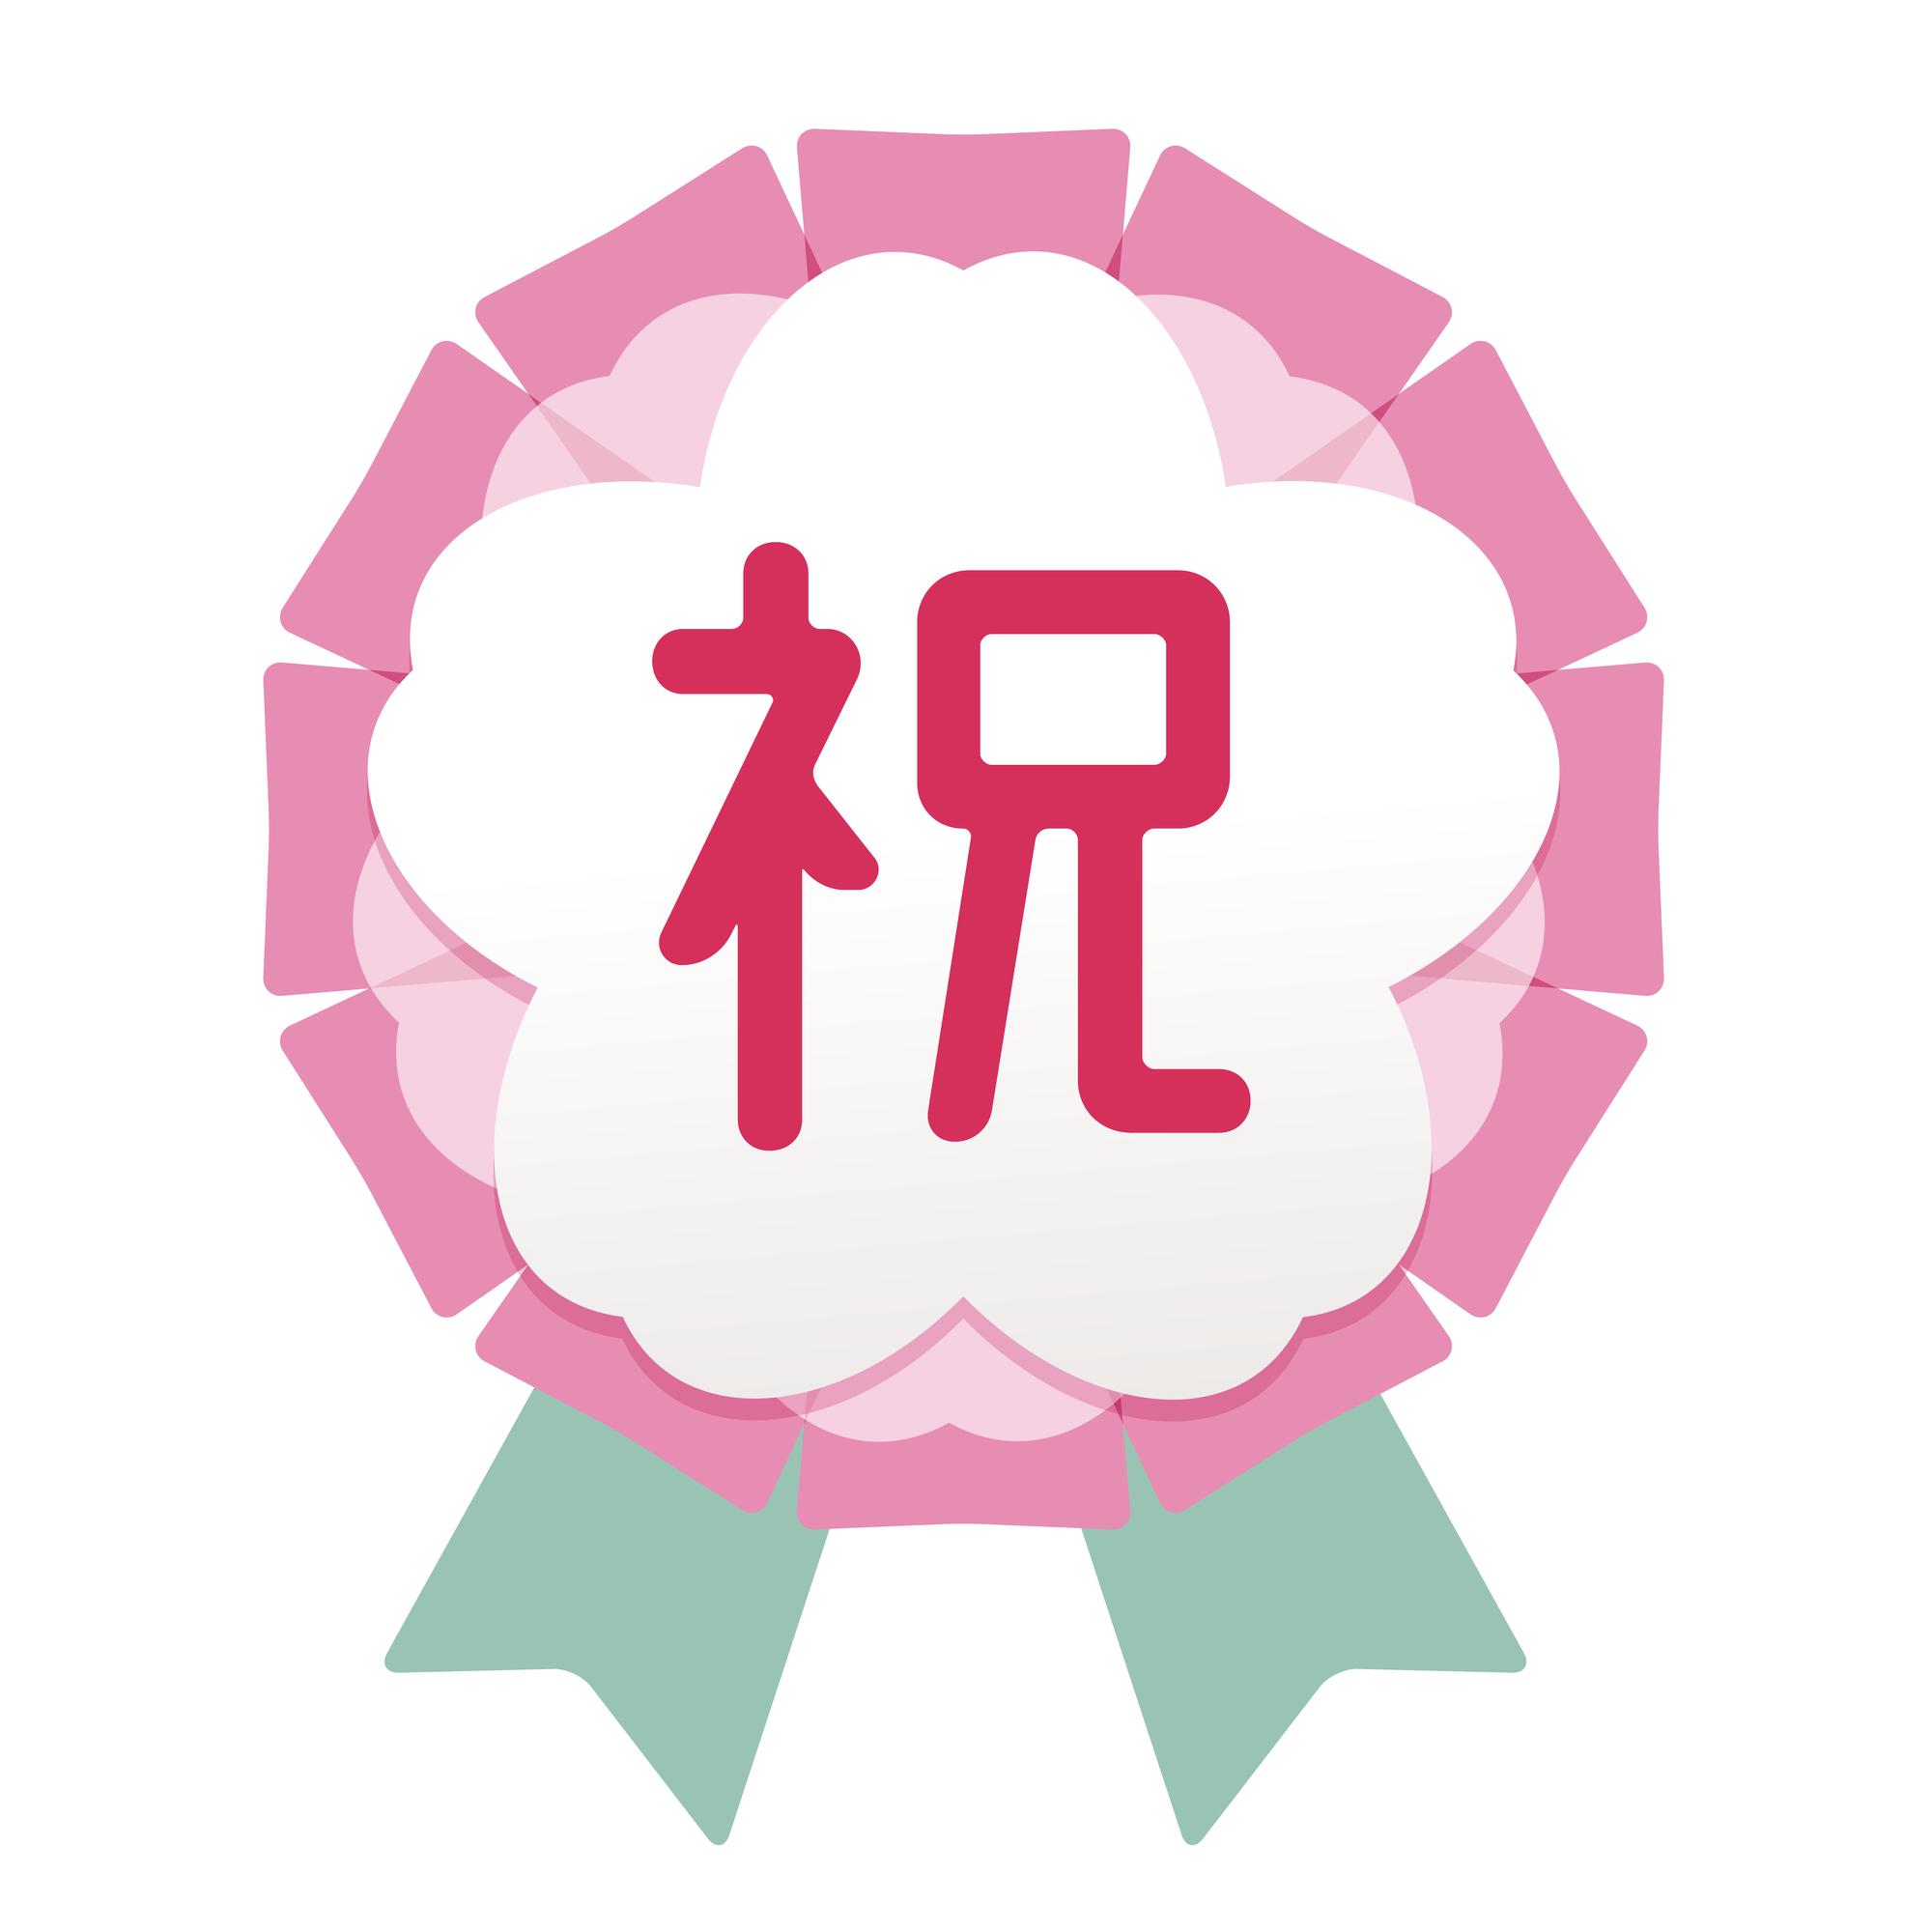 お祝いの胡蝶蘭の立て札に入れる言葉は?